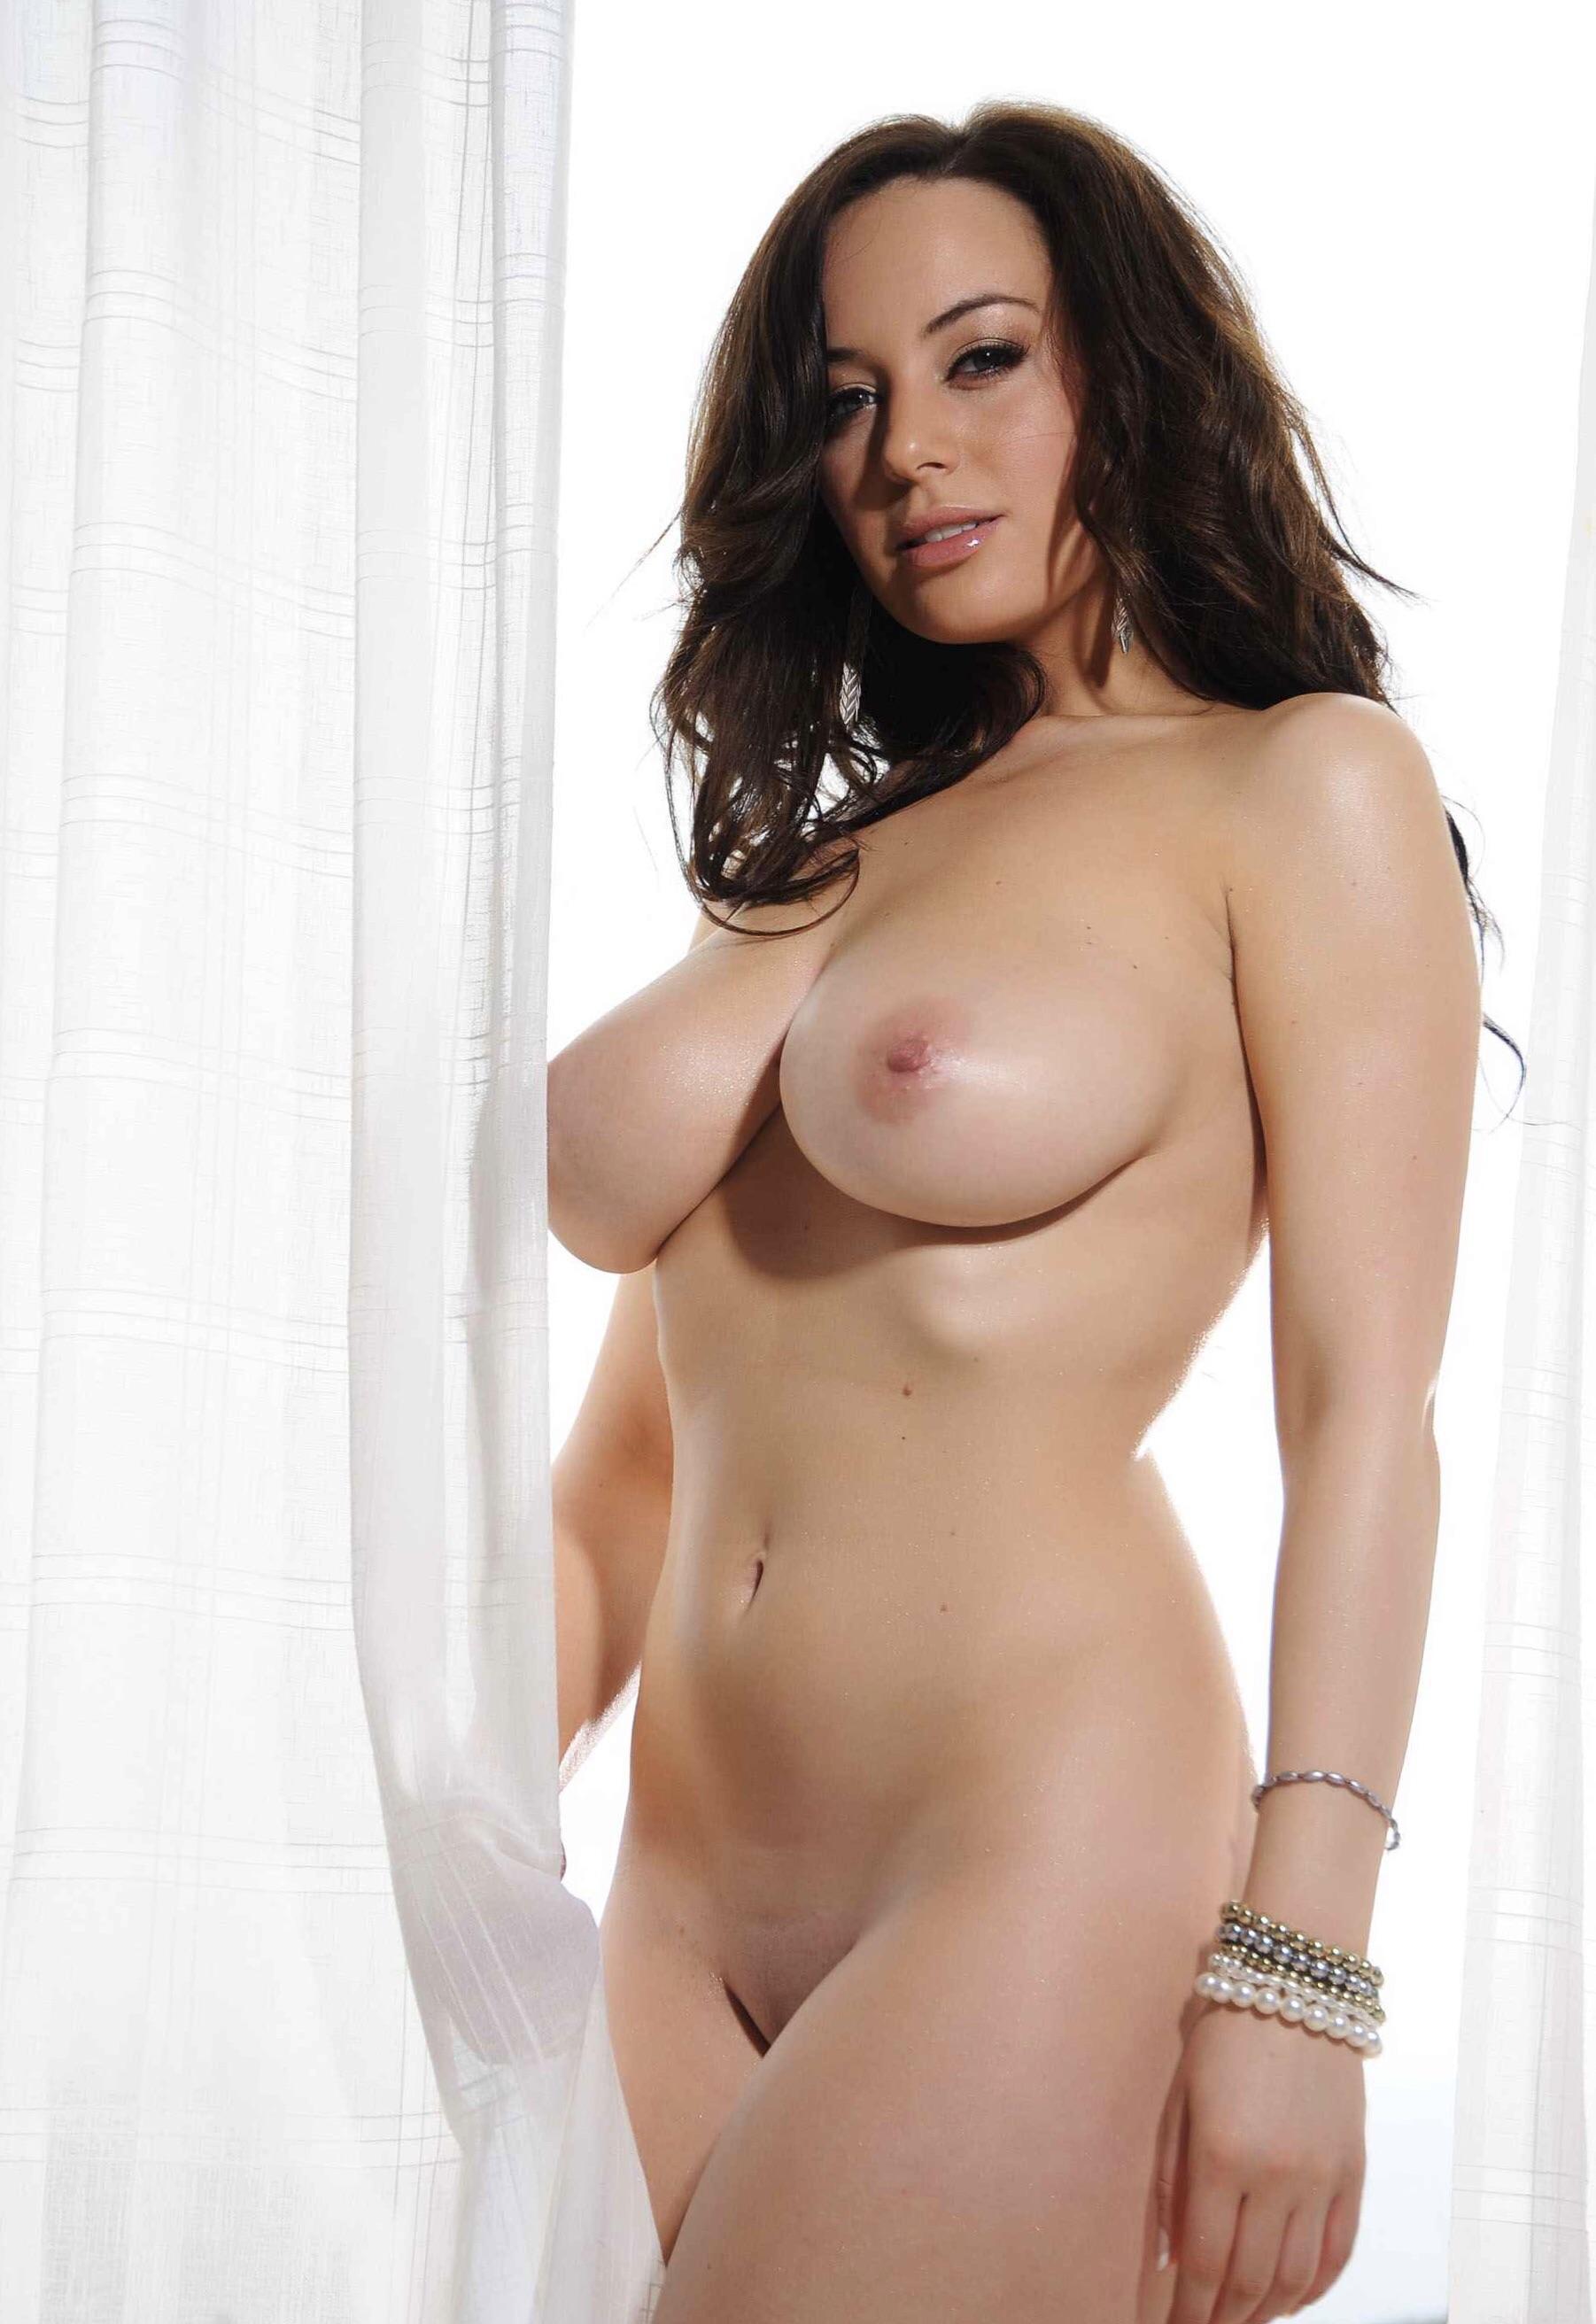 Lindsay strutt nude